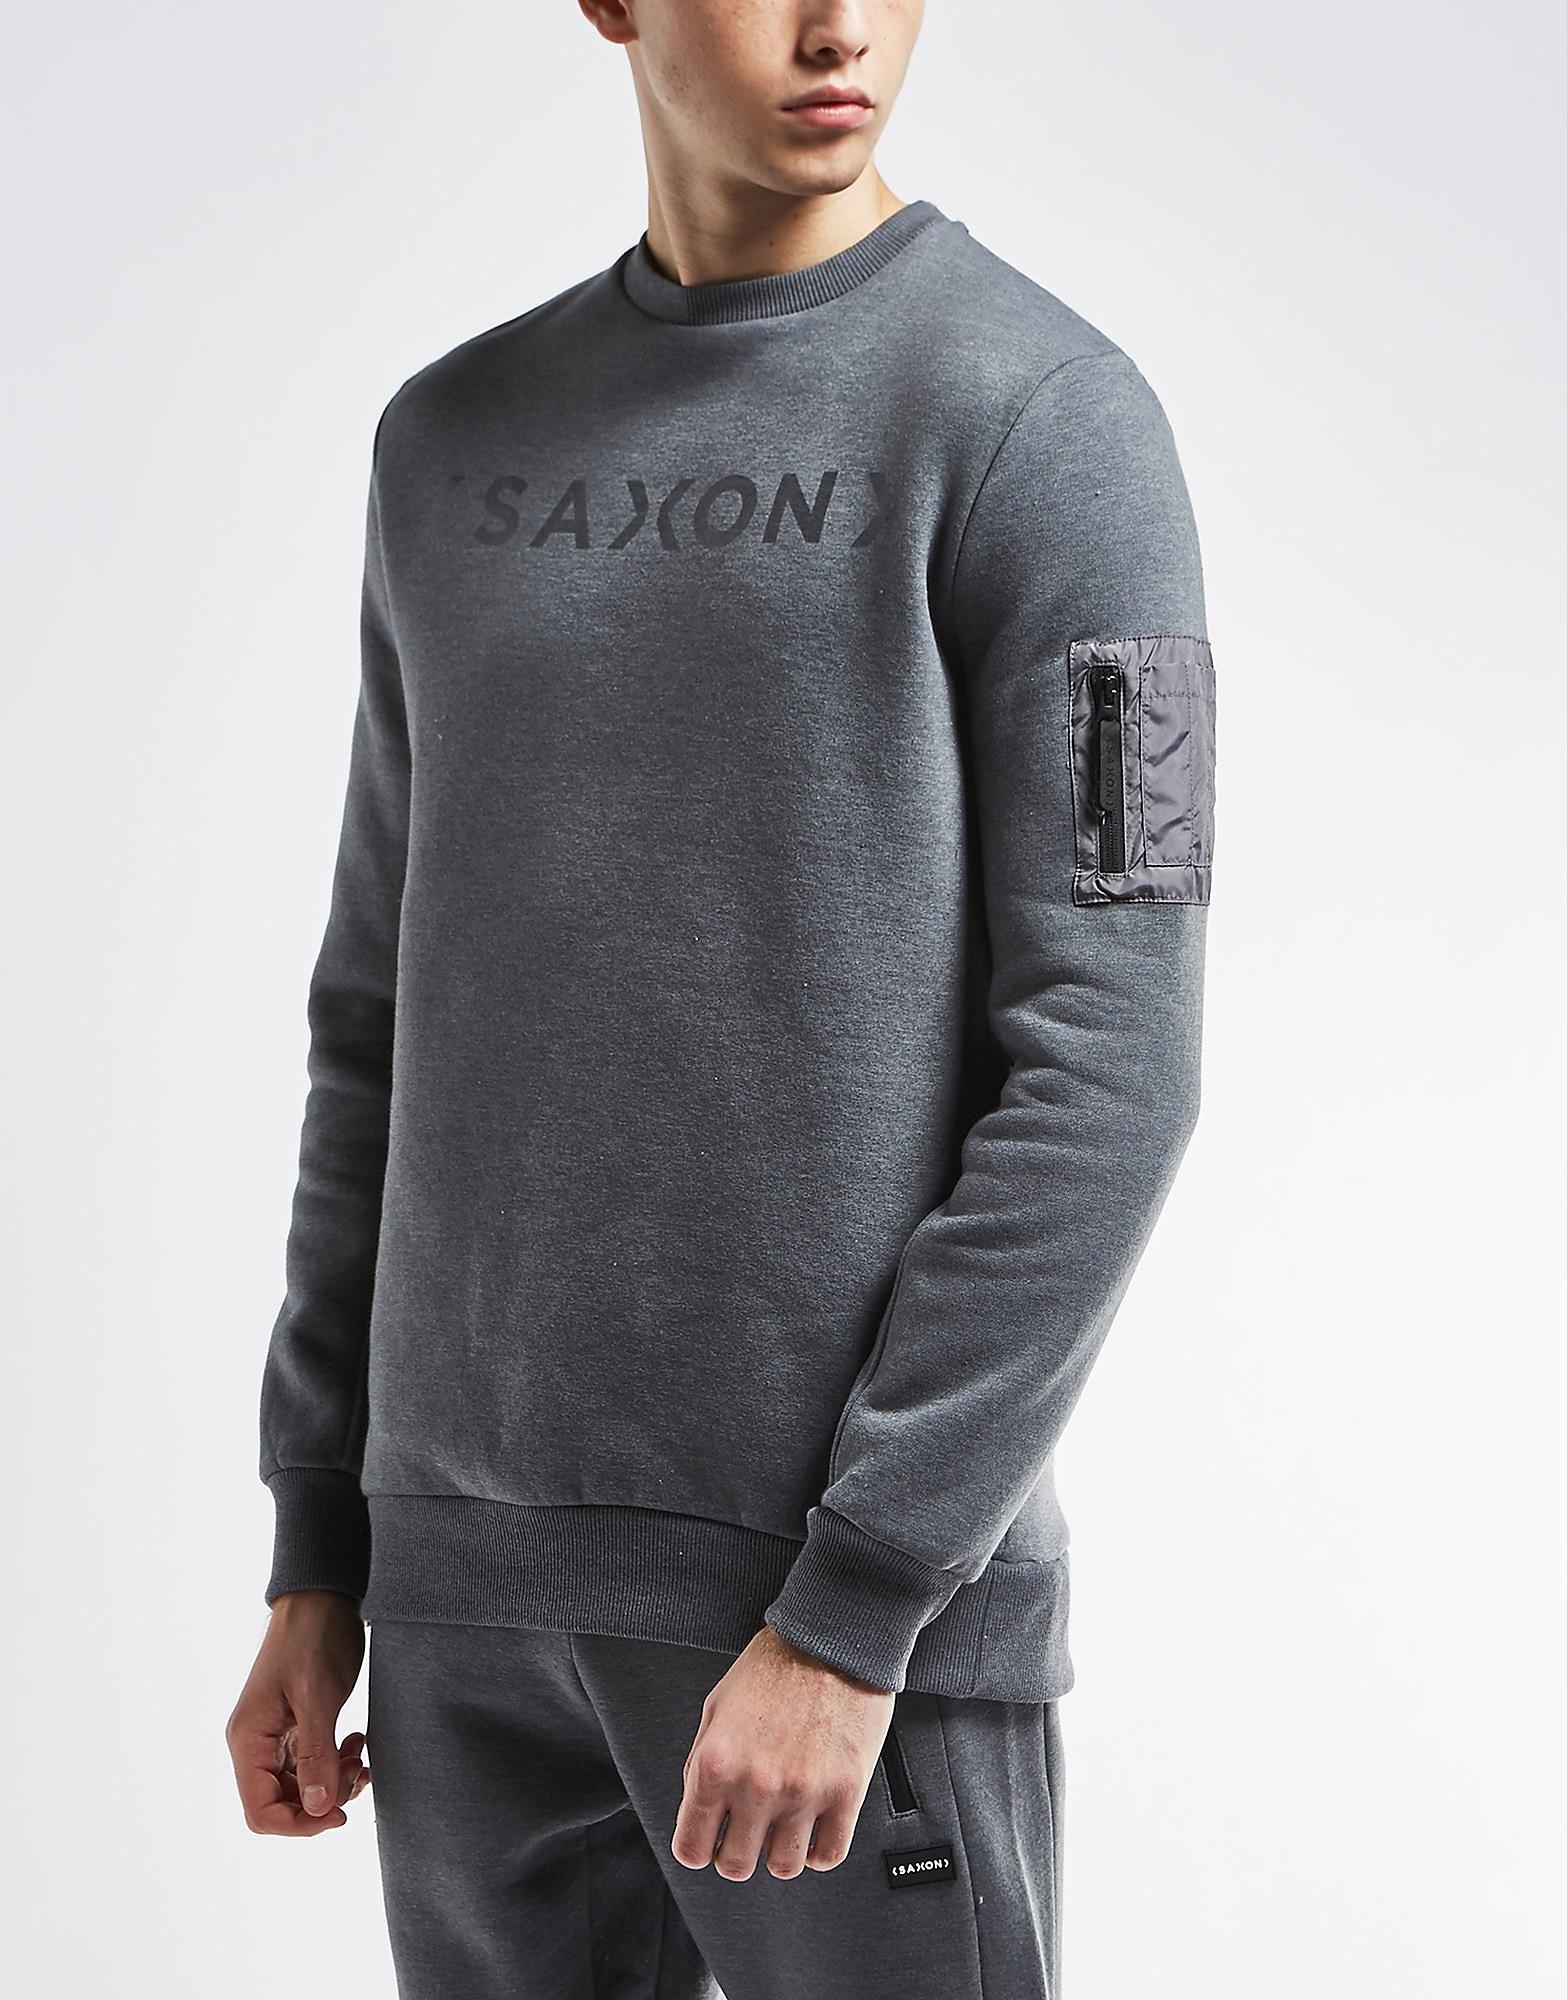 One True Saxon Renda Crew Neck Sweatshirt - Exclusive